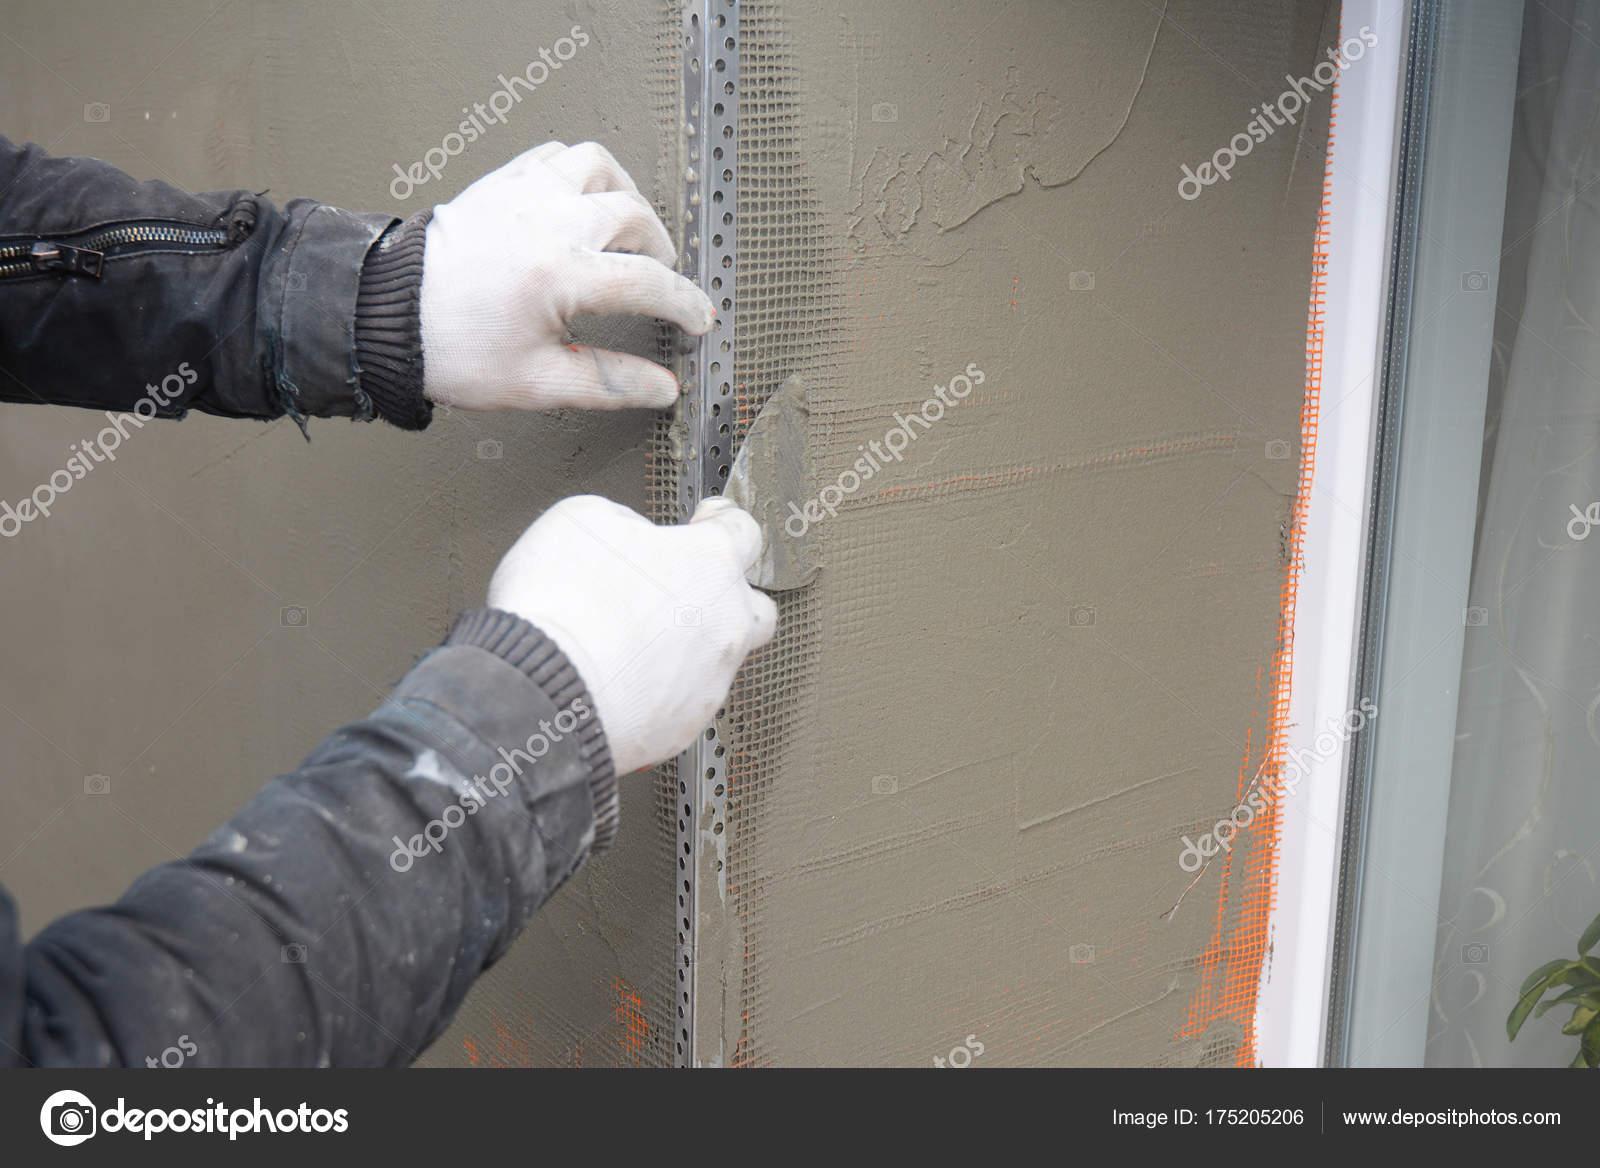 auftragnehmer verputzen wand mit spachtel, glasfaser-netz verputzen